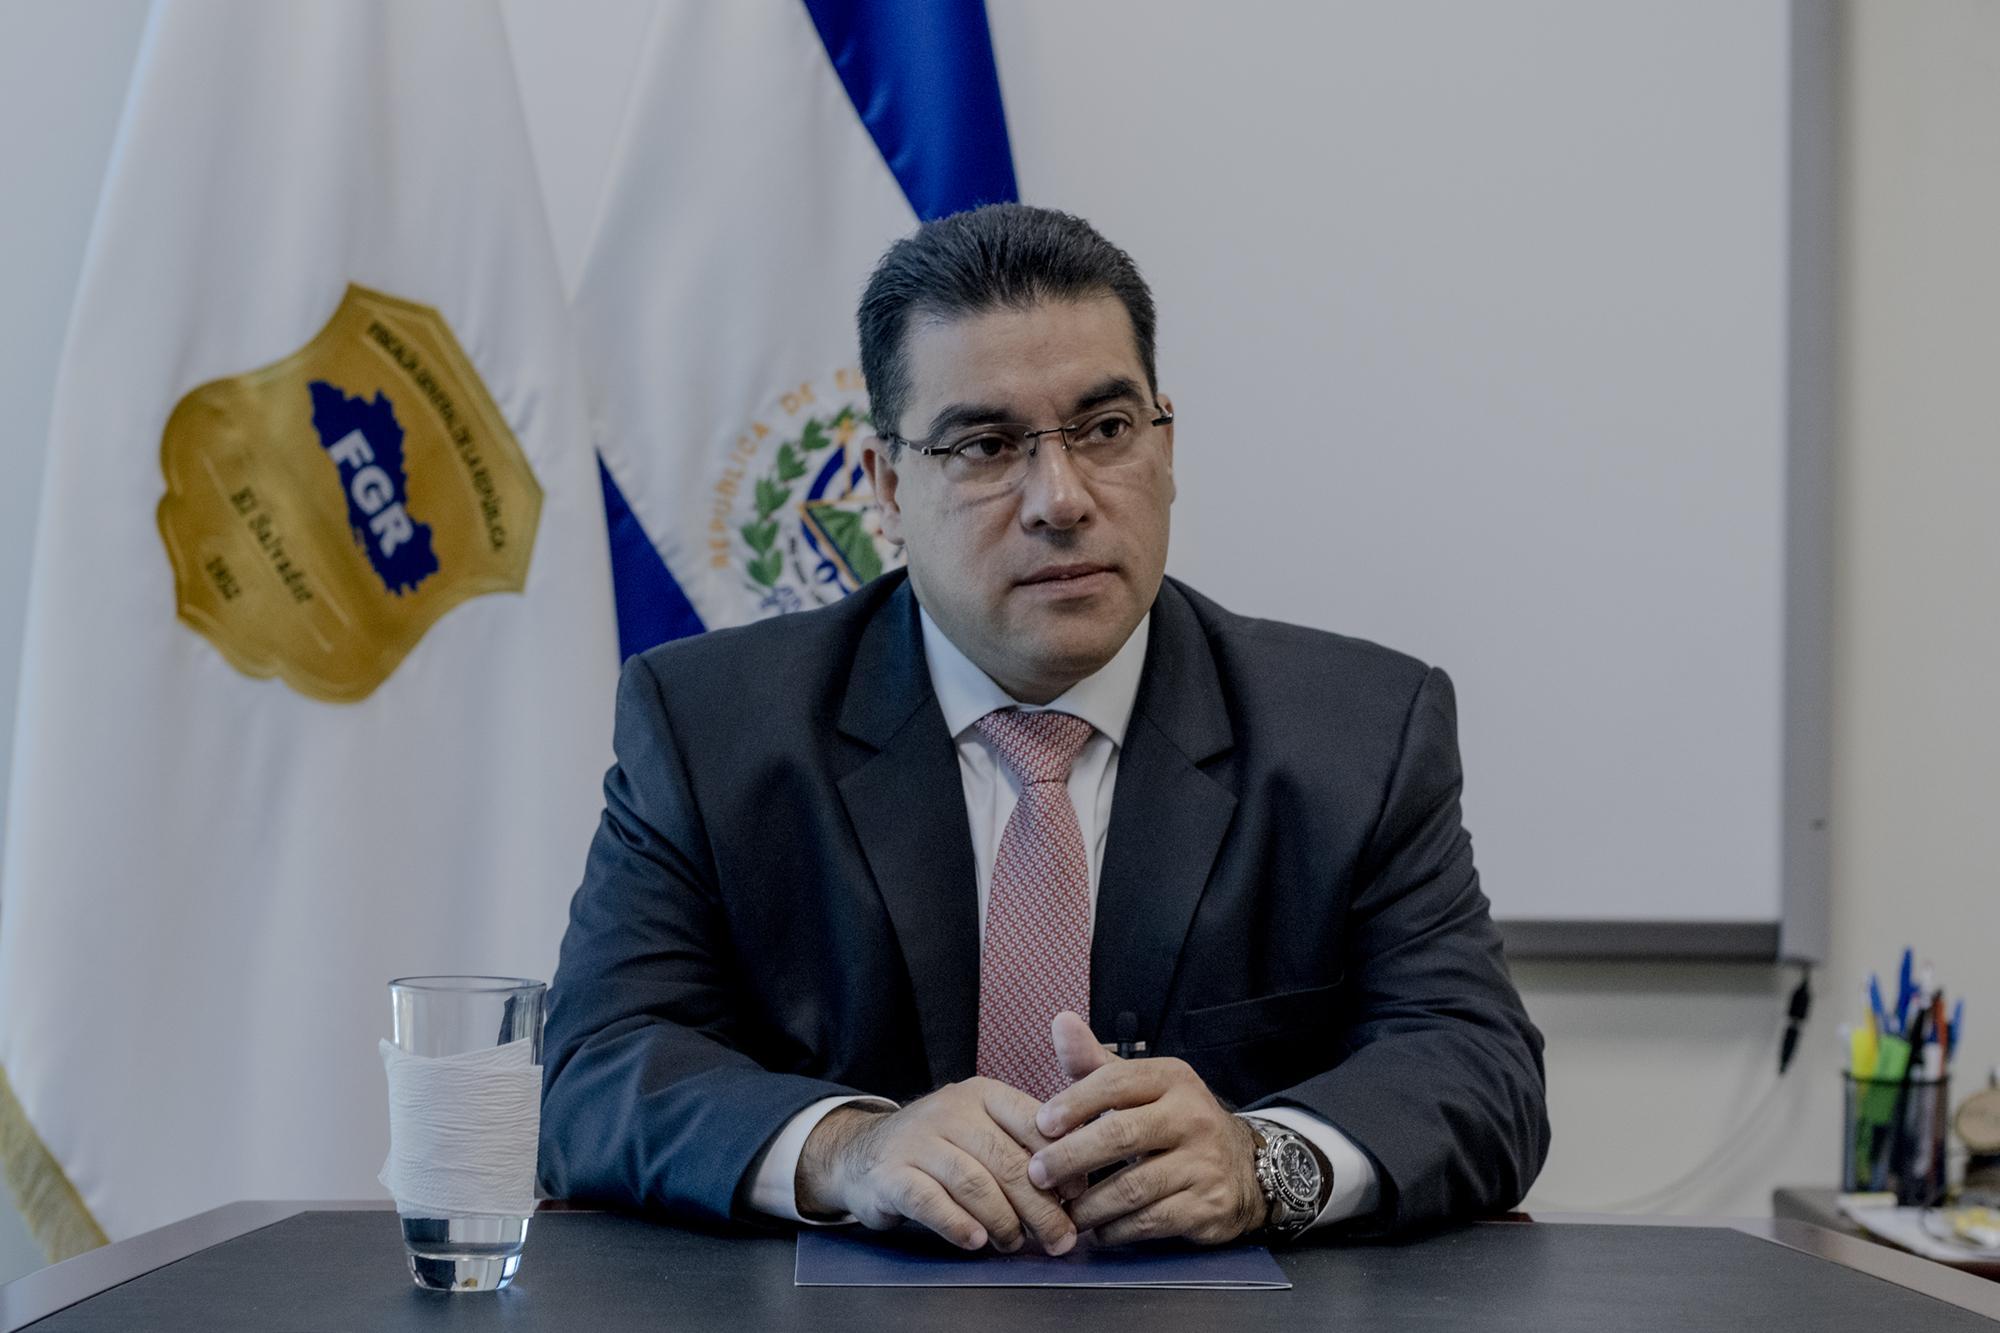 Raúl Melara, fiscal general, cumplió un año al frente de la Fiscalía General de la República. Concedió está entrevista a El Faro, el jueves 9 de enero de 2020. Foto: Fred Ramos